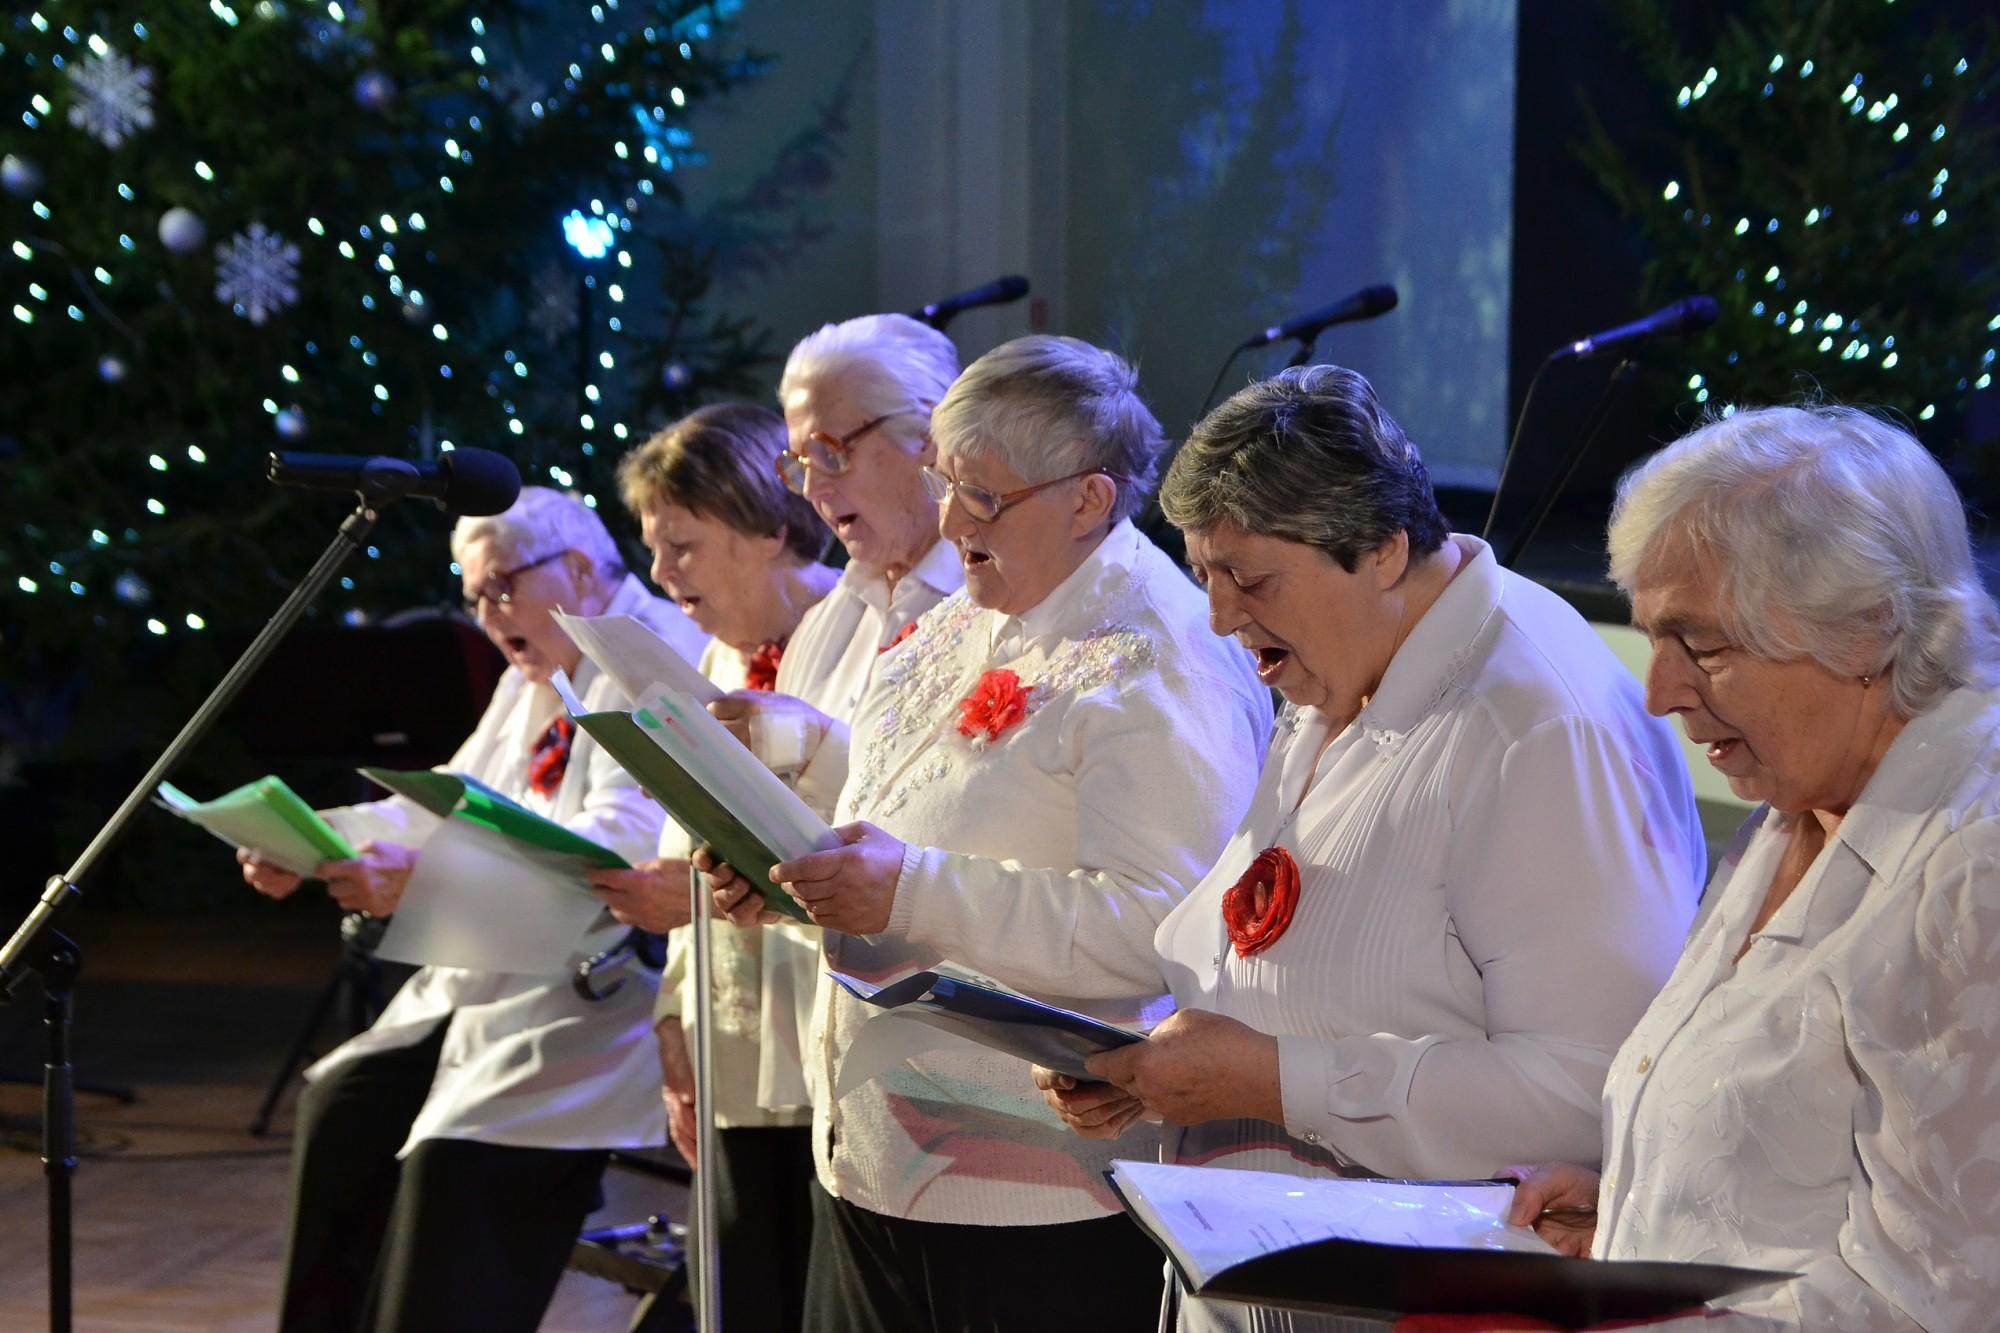 Gaišu domu un prieka laiks. Koncertā uzbur Ziemassvētku brīnumu